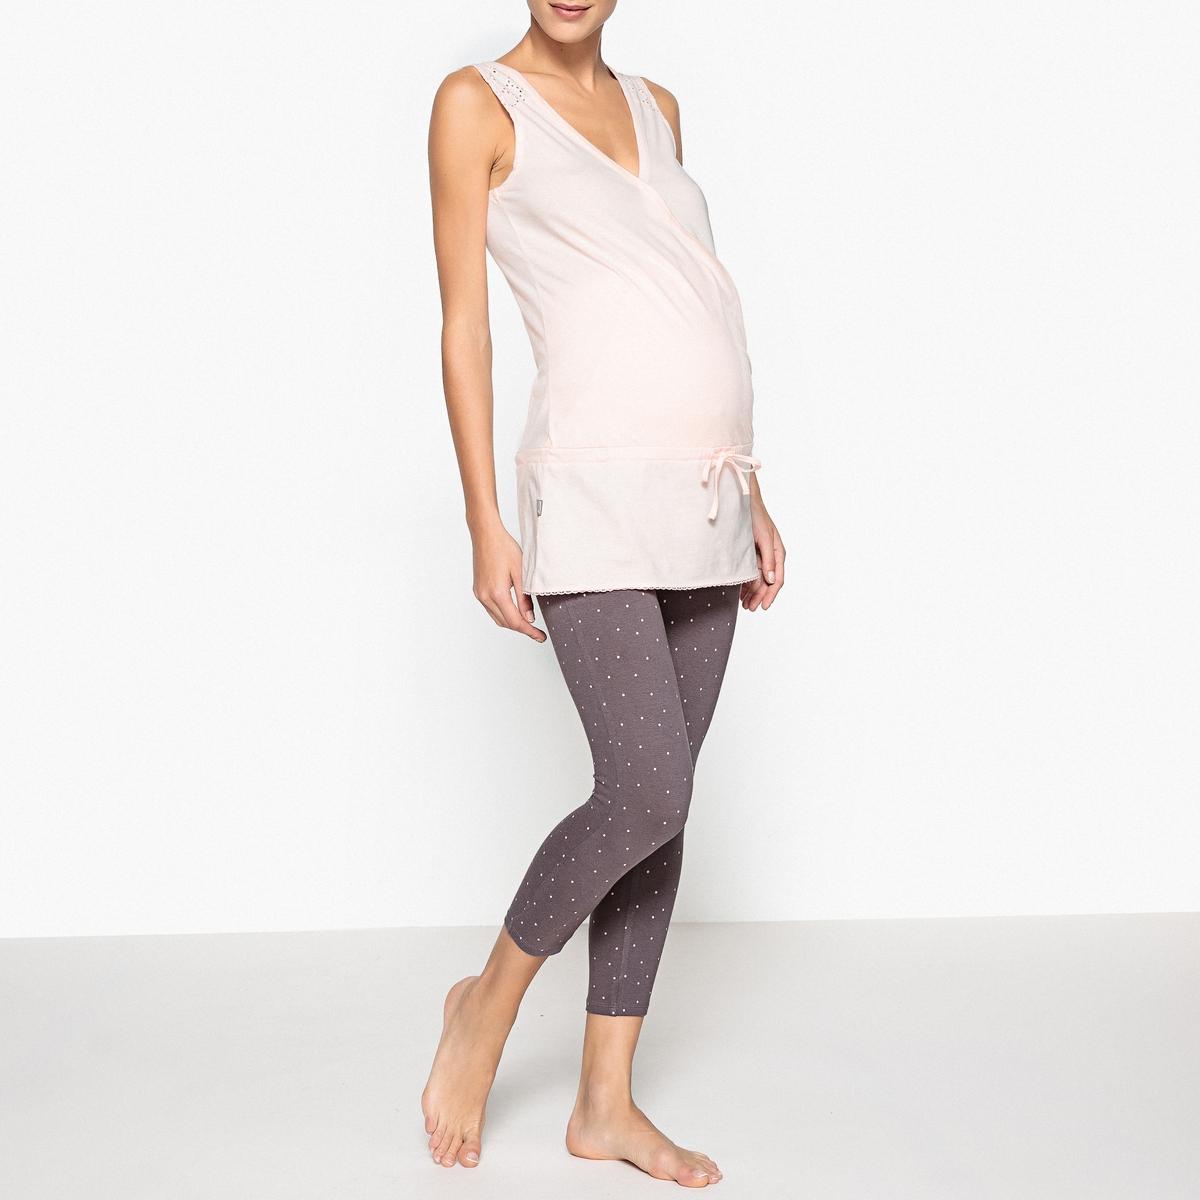 Пижама для периода беременностиКороткая пижама, разработанная специально для периода беременности и грудного вскармливания: в целях заботы о Вас и Вашем малыше.Состав и описаниеПижама короткая из 2 предметов: туники и коротких леггинсов. Для периода беременности и грудного вскармливания.Топ с кружевным бордюром и застежкой на кнопку для кормления грудью, пояс под животом. Леггинсы до середины голени, высокий поддерживающий пояс. Материал :  верх из 100% хлопка,Леггинсы 95% хлопка, 5% эластанаДлина : Верх: 77 смДлина по внутр.шву: 50 смУход : Стирать при 40° с изделиями схожих цветов.Стирать, сушить и гладить с изнаночной стороны.<br><br>Цвет: розовый/ серый<br>Размер: 34/36 (FR) - 40/42 (RUS).38/40 (FR) - 44/46 (RUS)